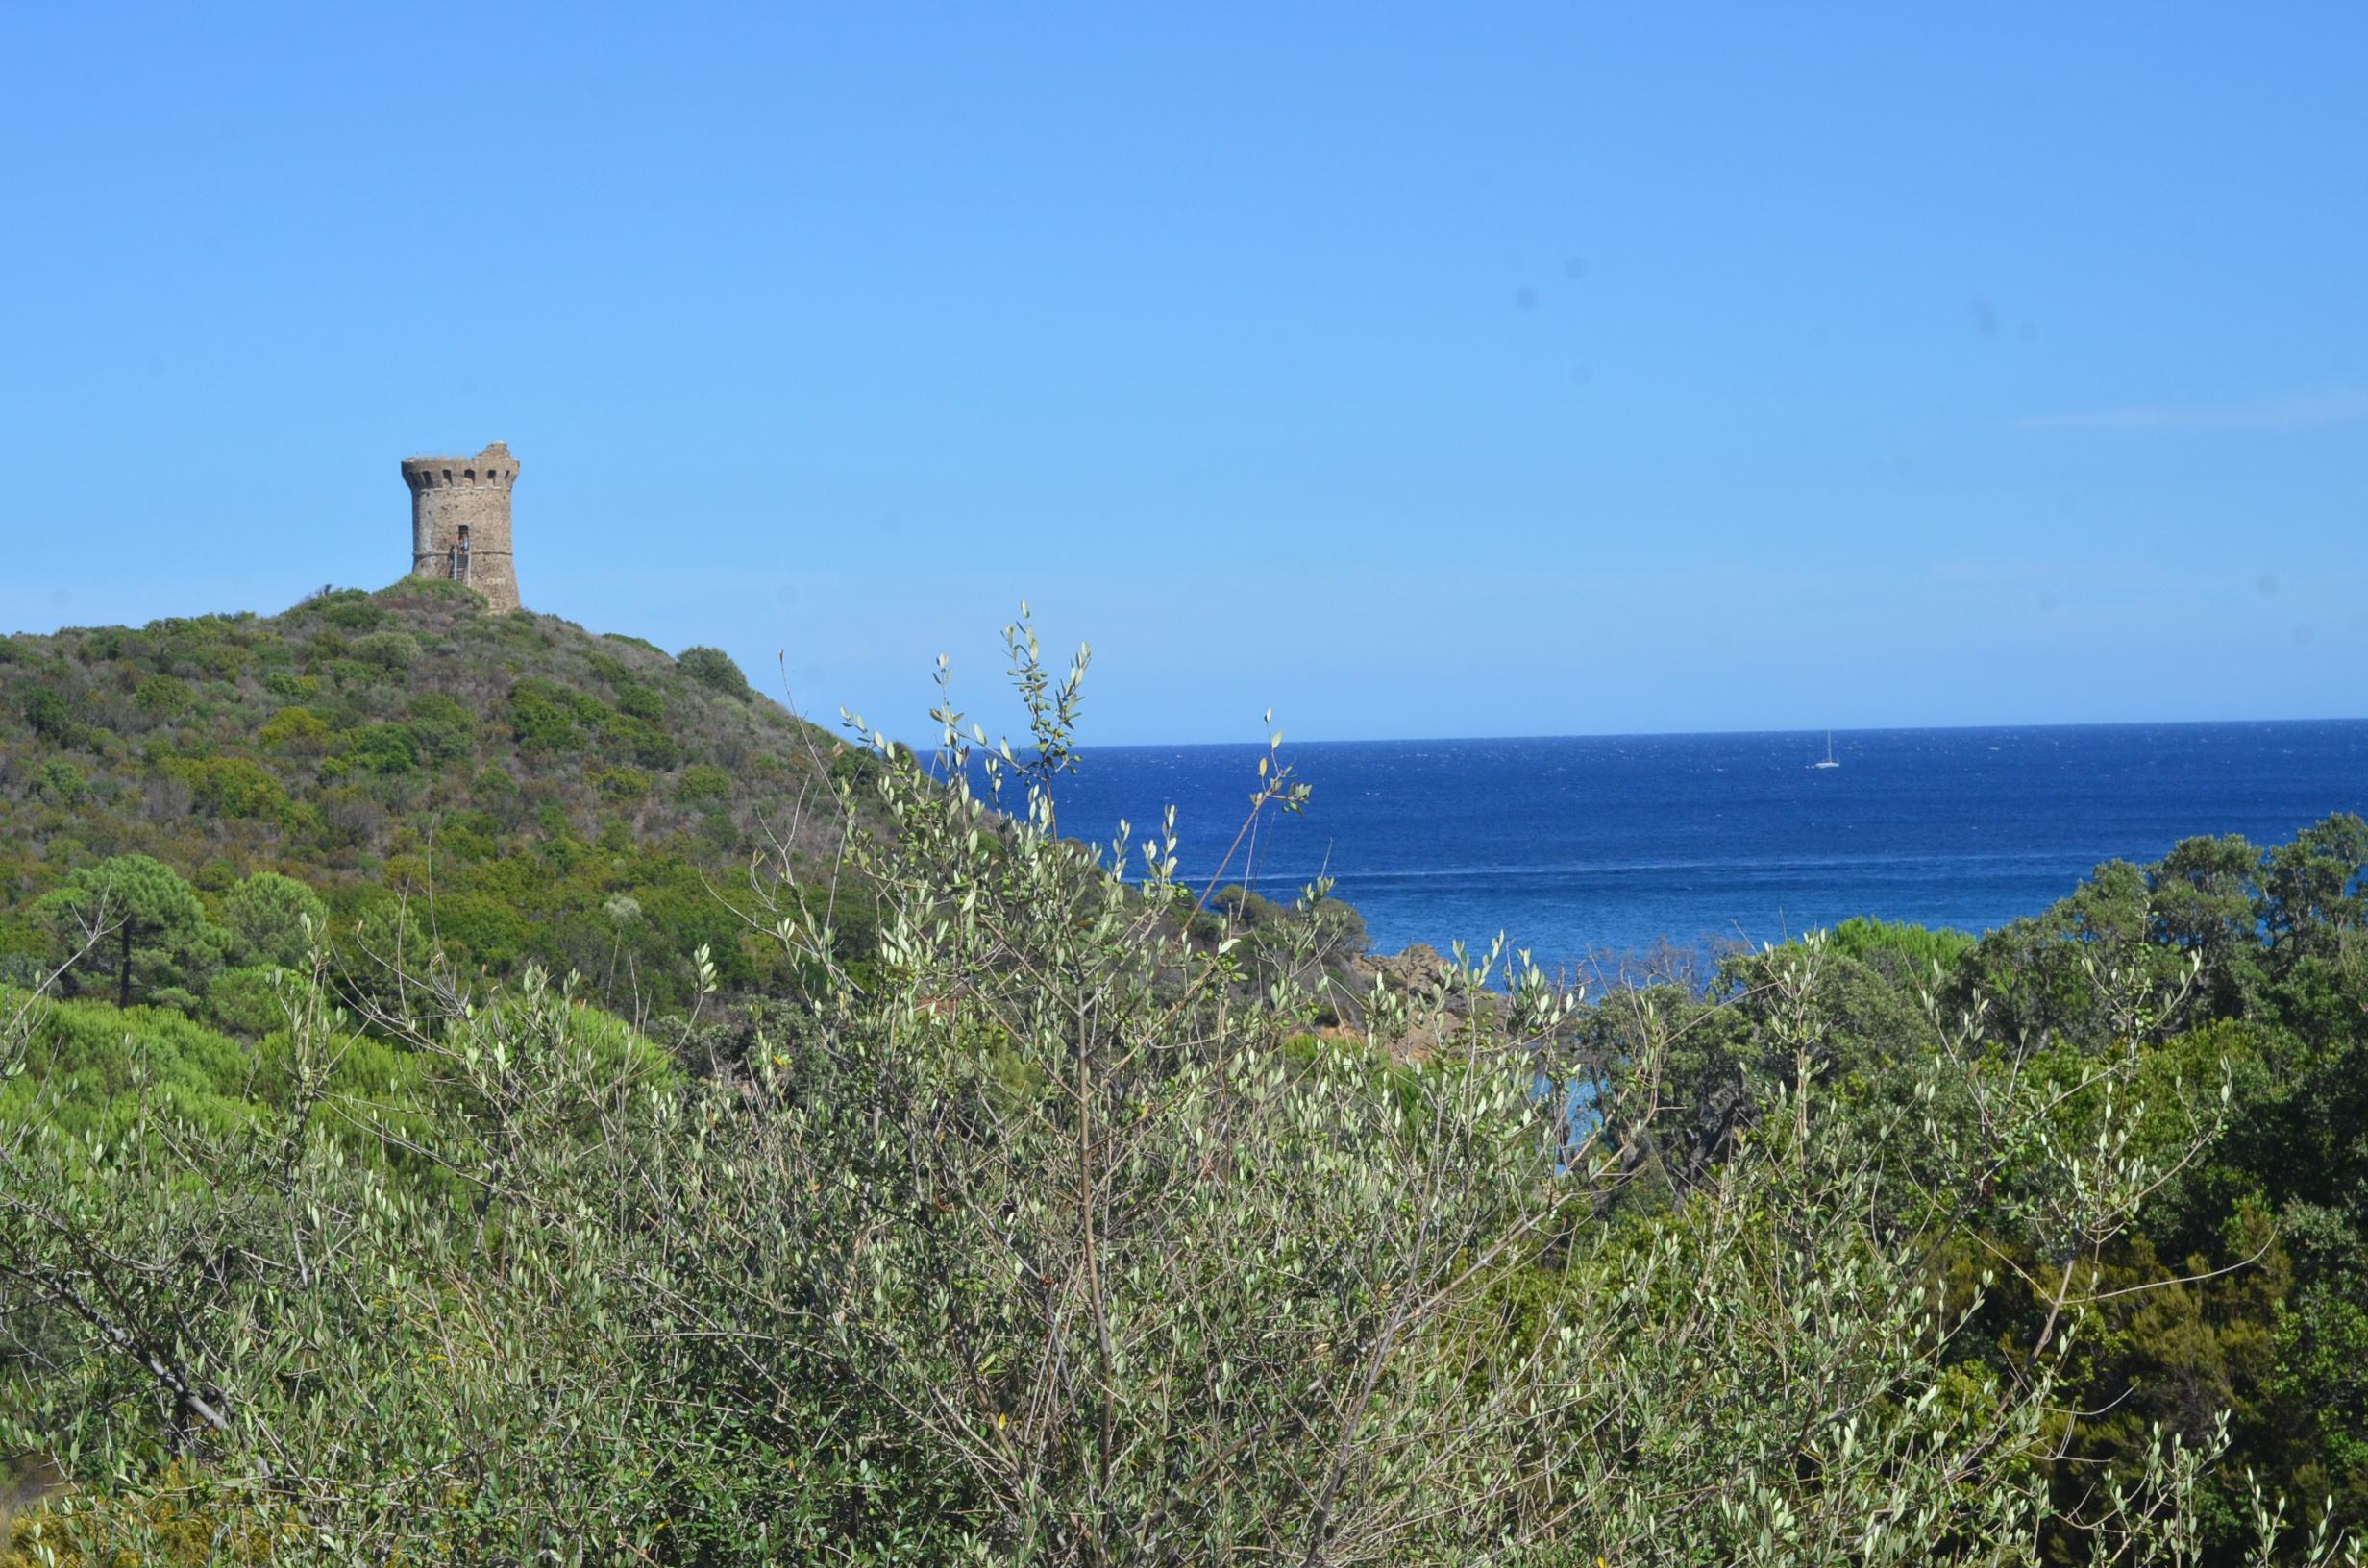 SardiniaCorsicaPhotosSPI_2368 copy.JPG